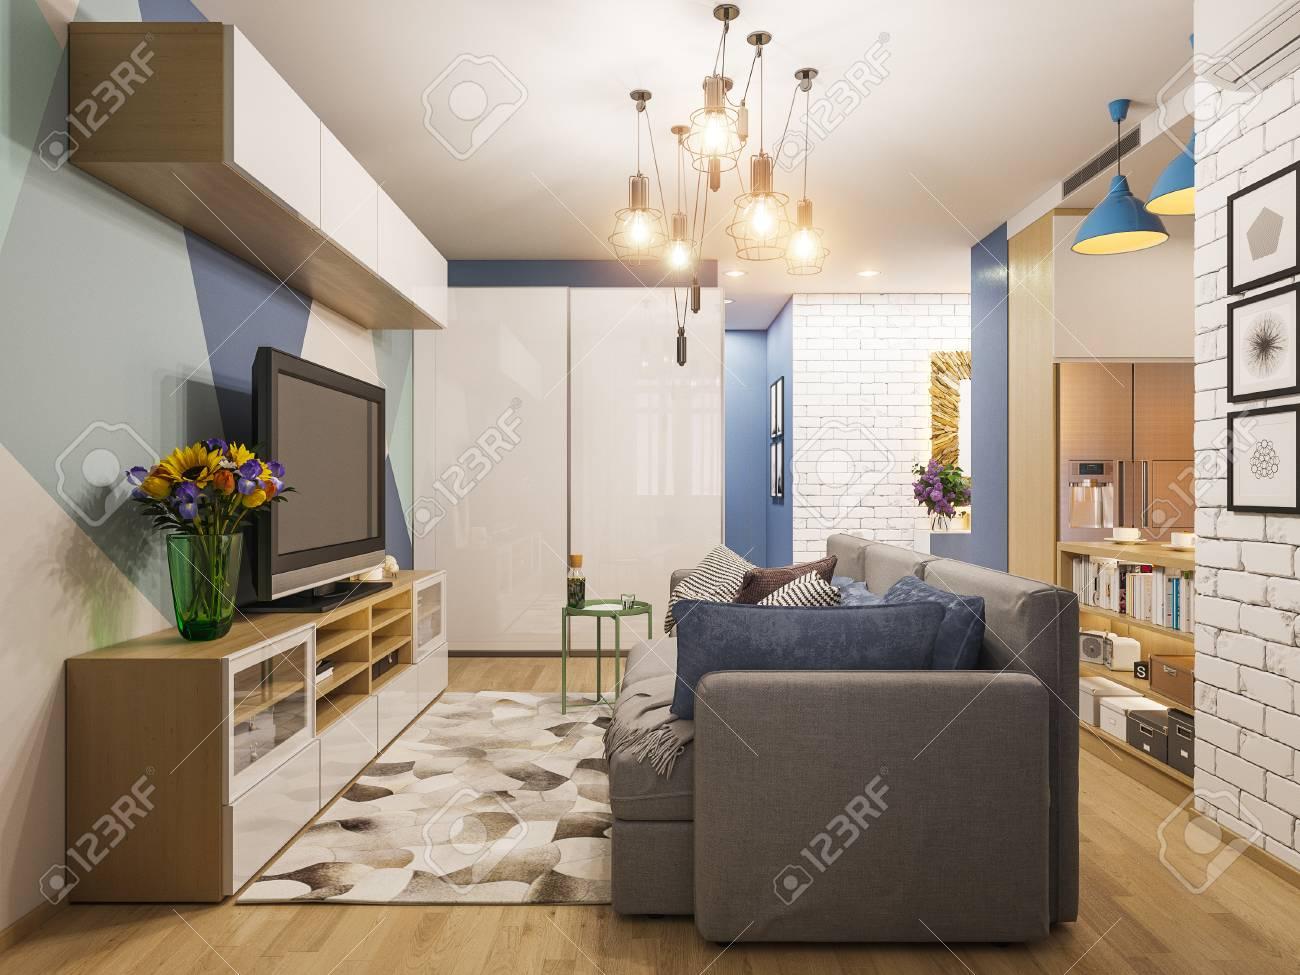 Interior Design Illustrazione Soggiorno E Cucina 3d. Moderno ...